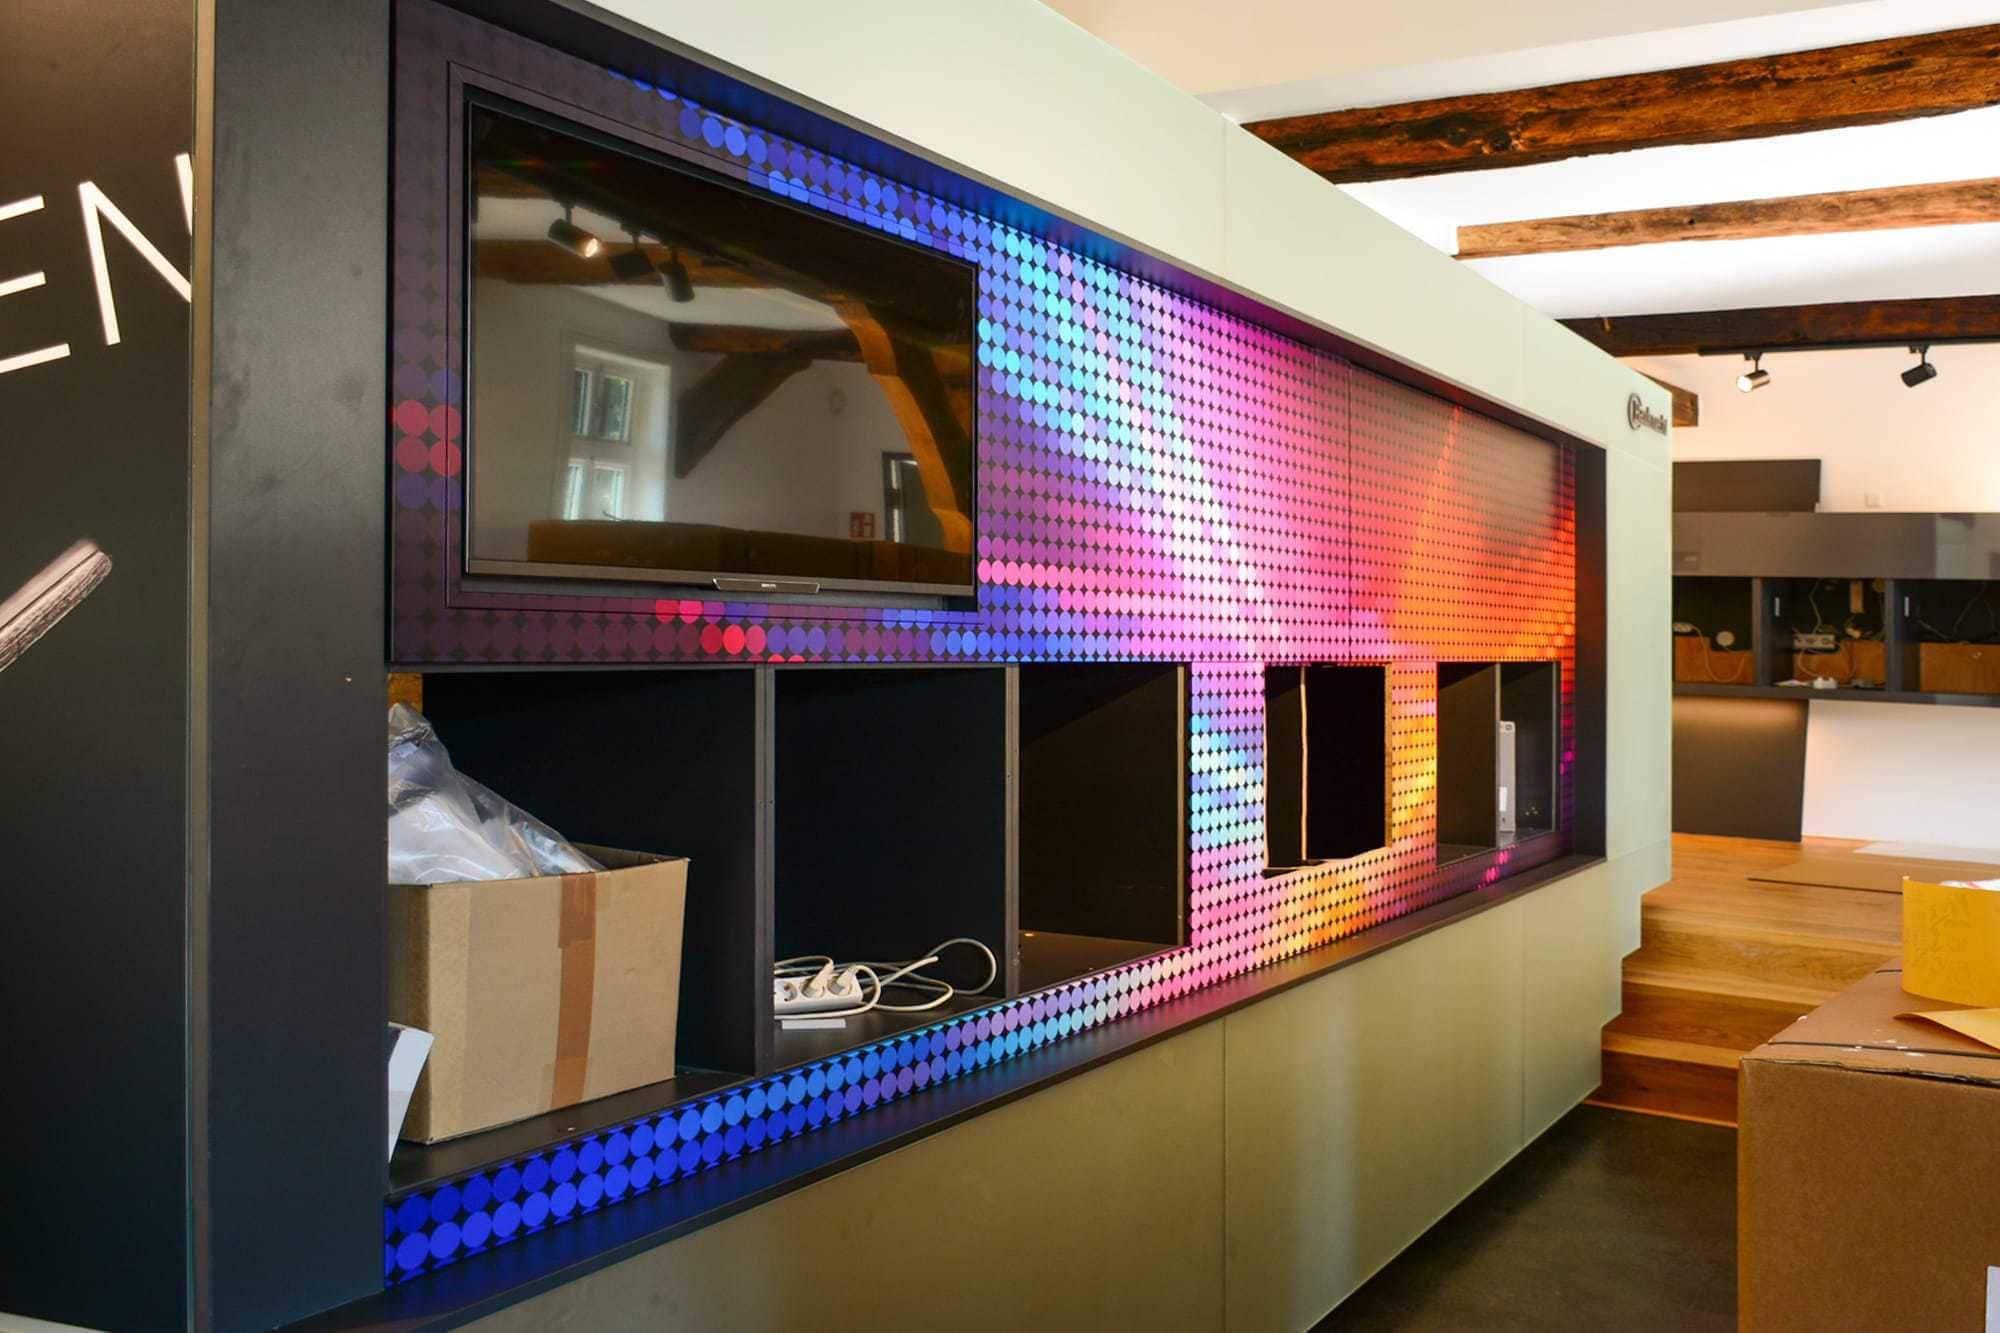 Folienbeklebung einer Küchenfront für eine Messeausstellung